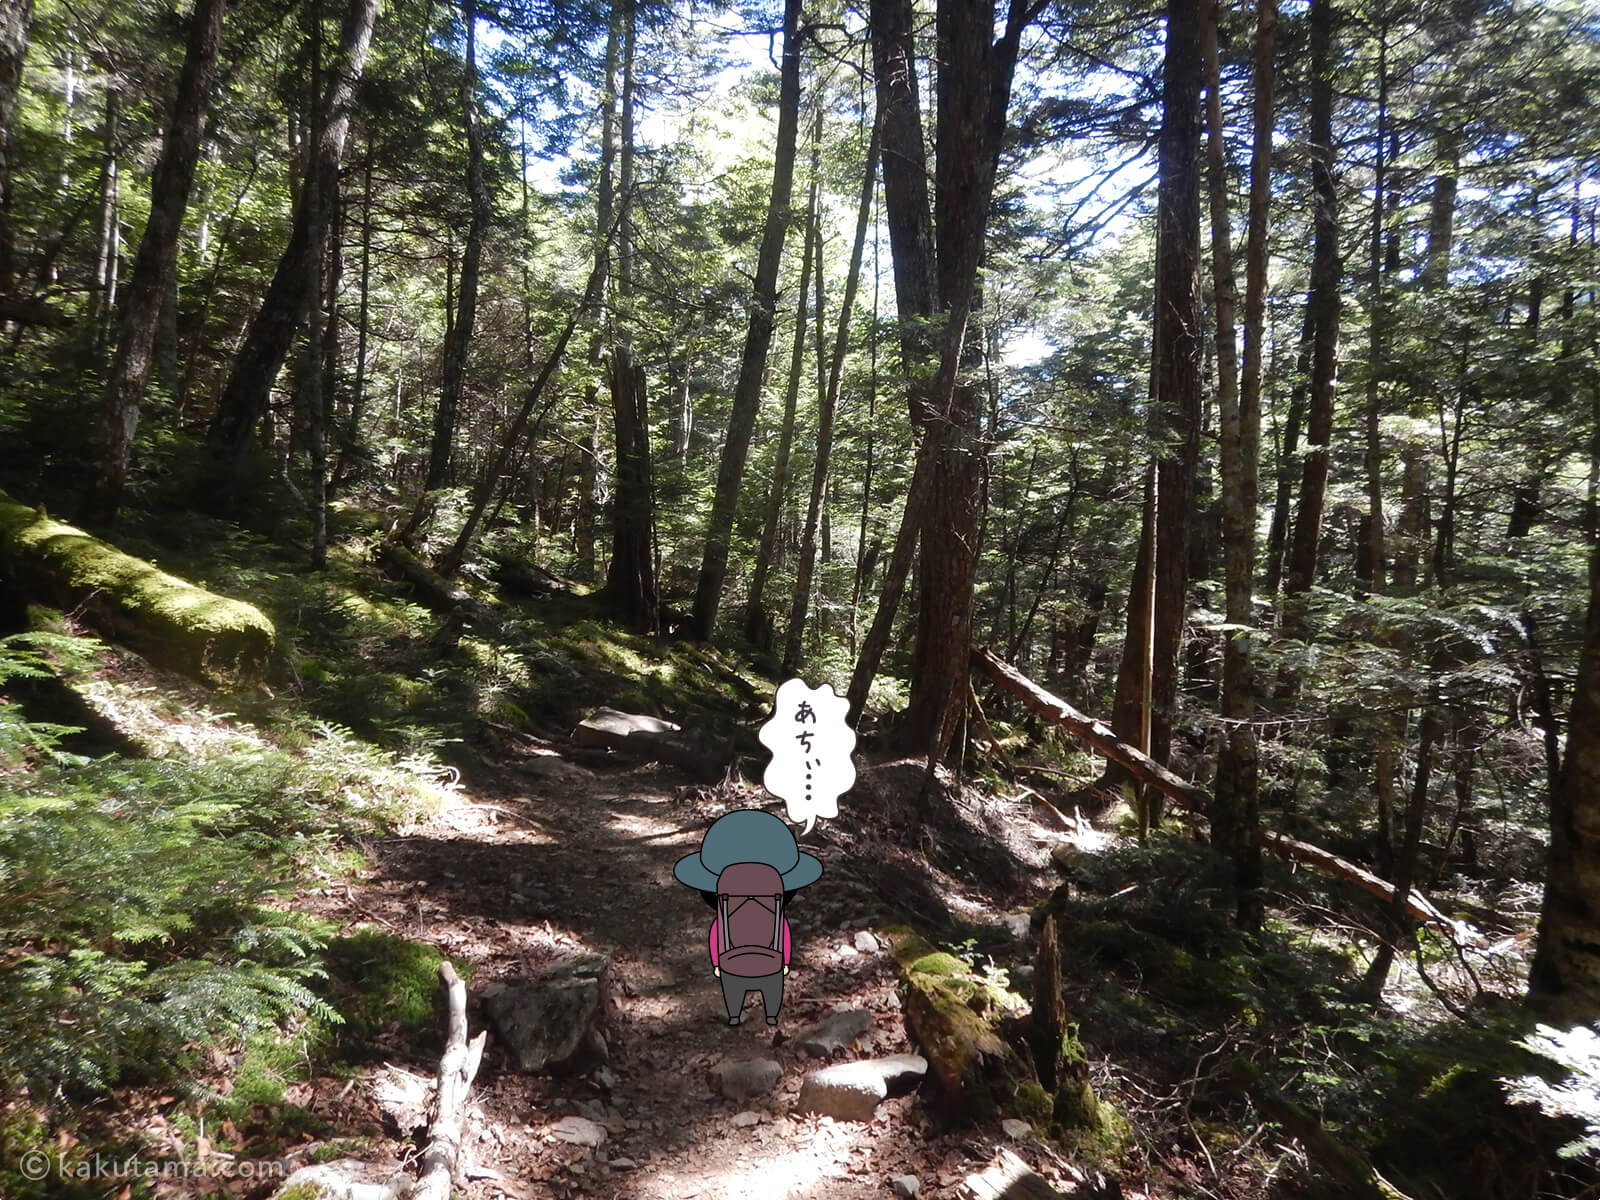 鷹見岩との分岐から大日小屋へ進む1